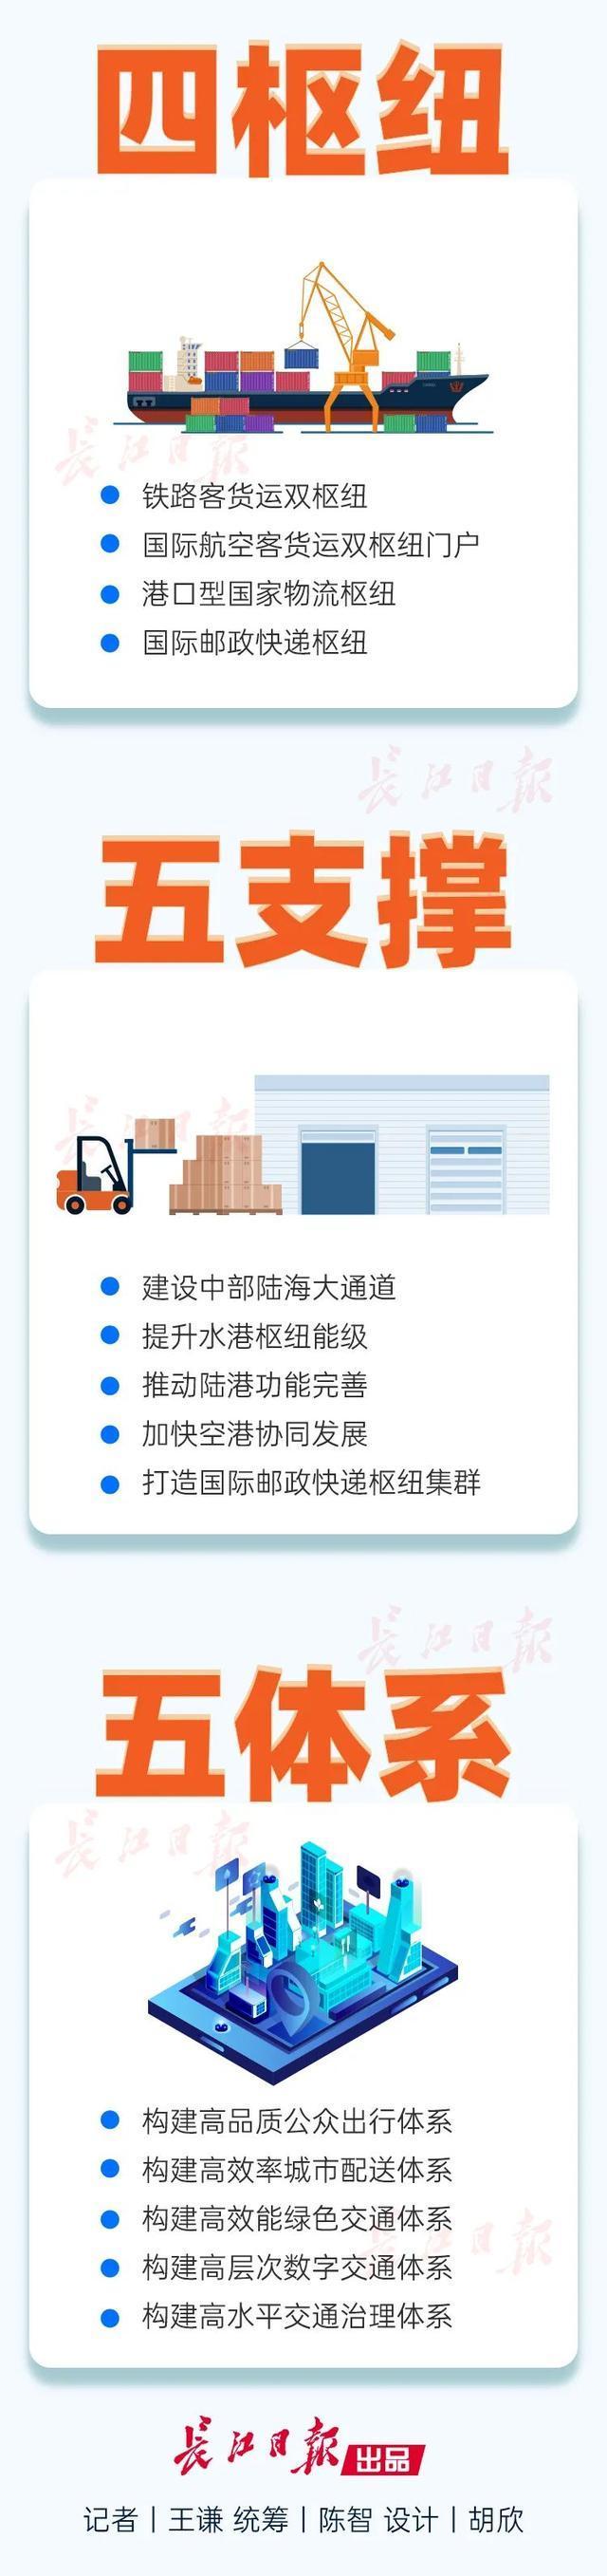 投资466.3亿元!武汉今年开设了大量交通项目。 第3张